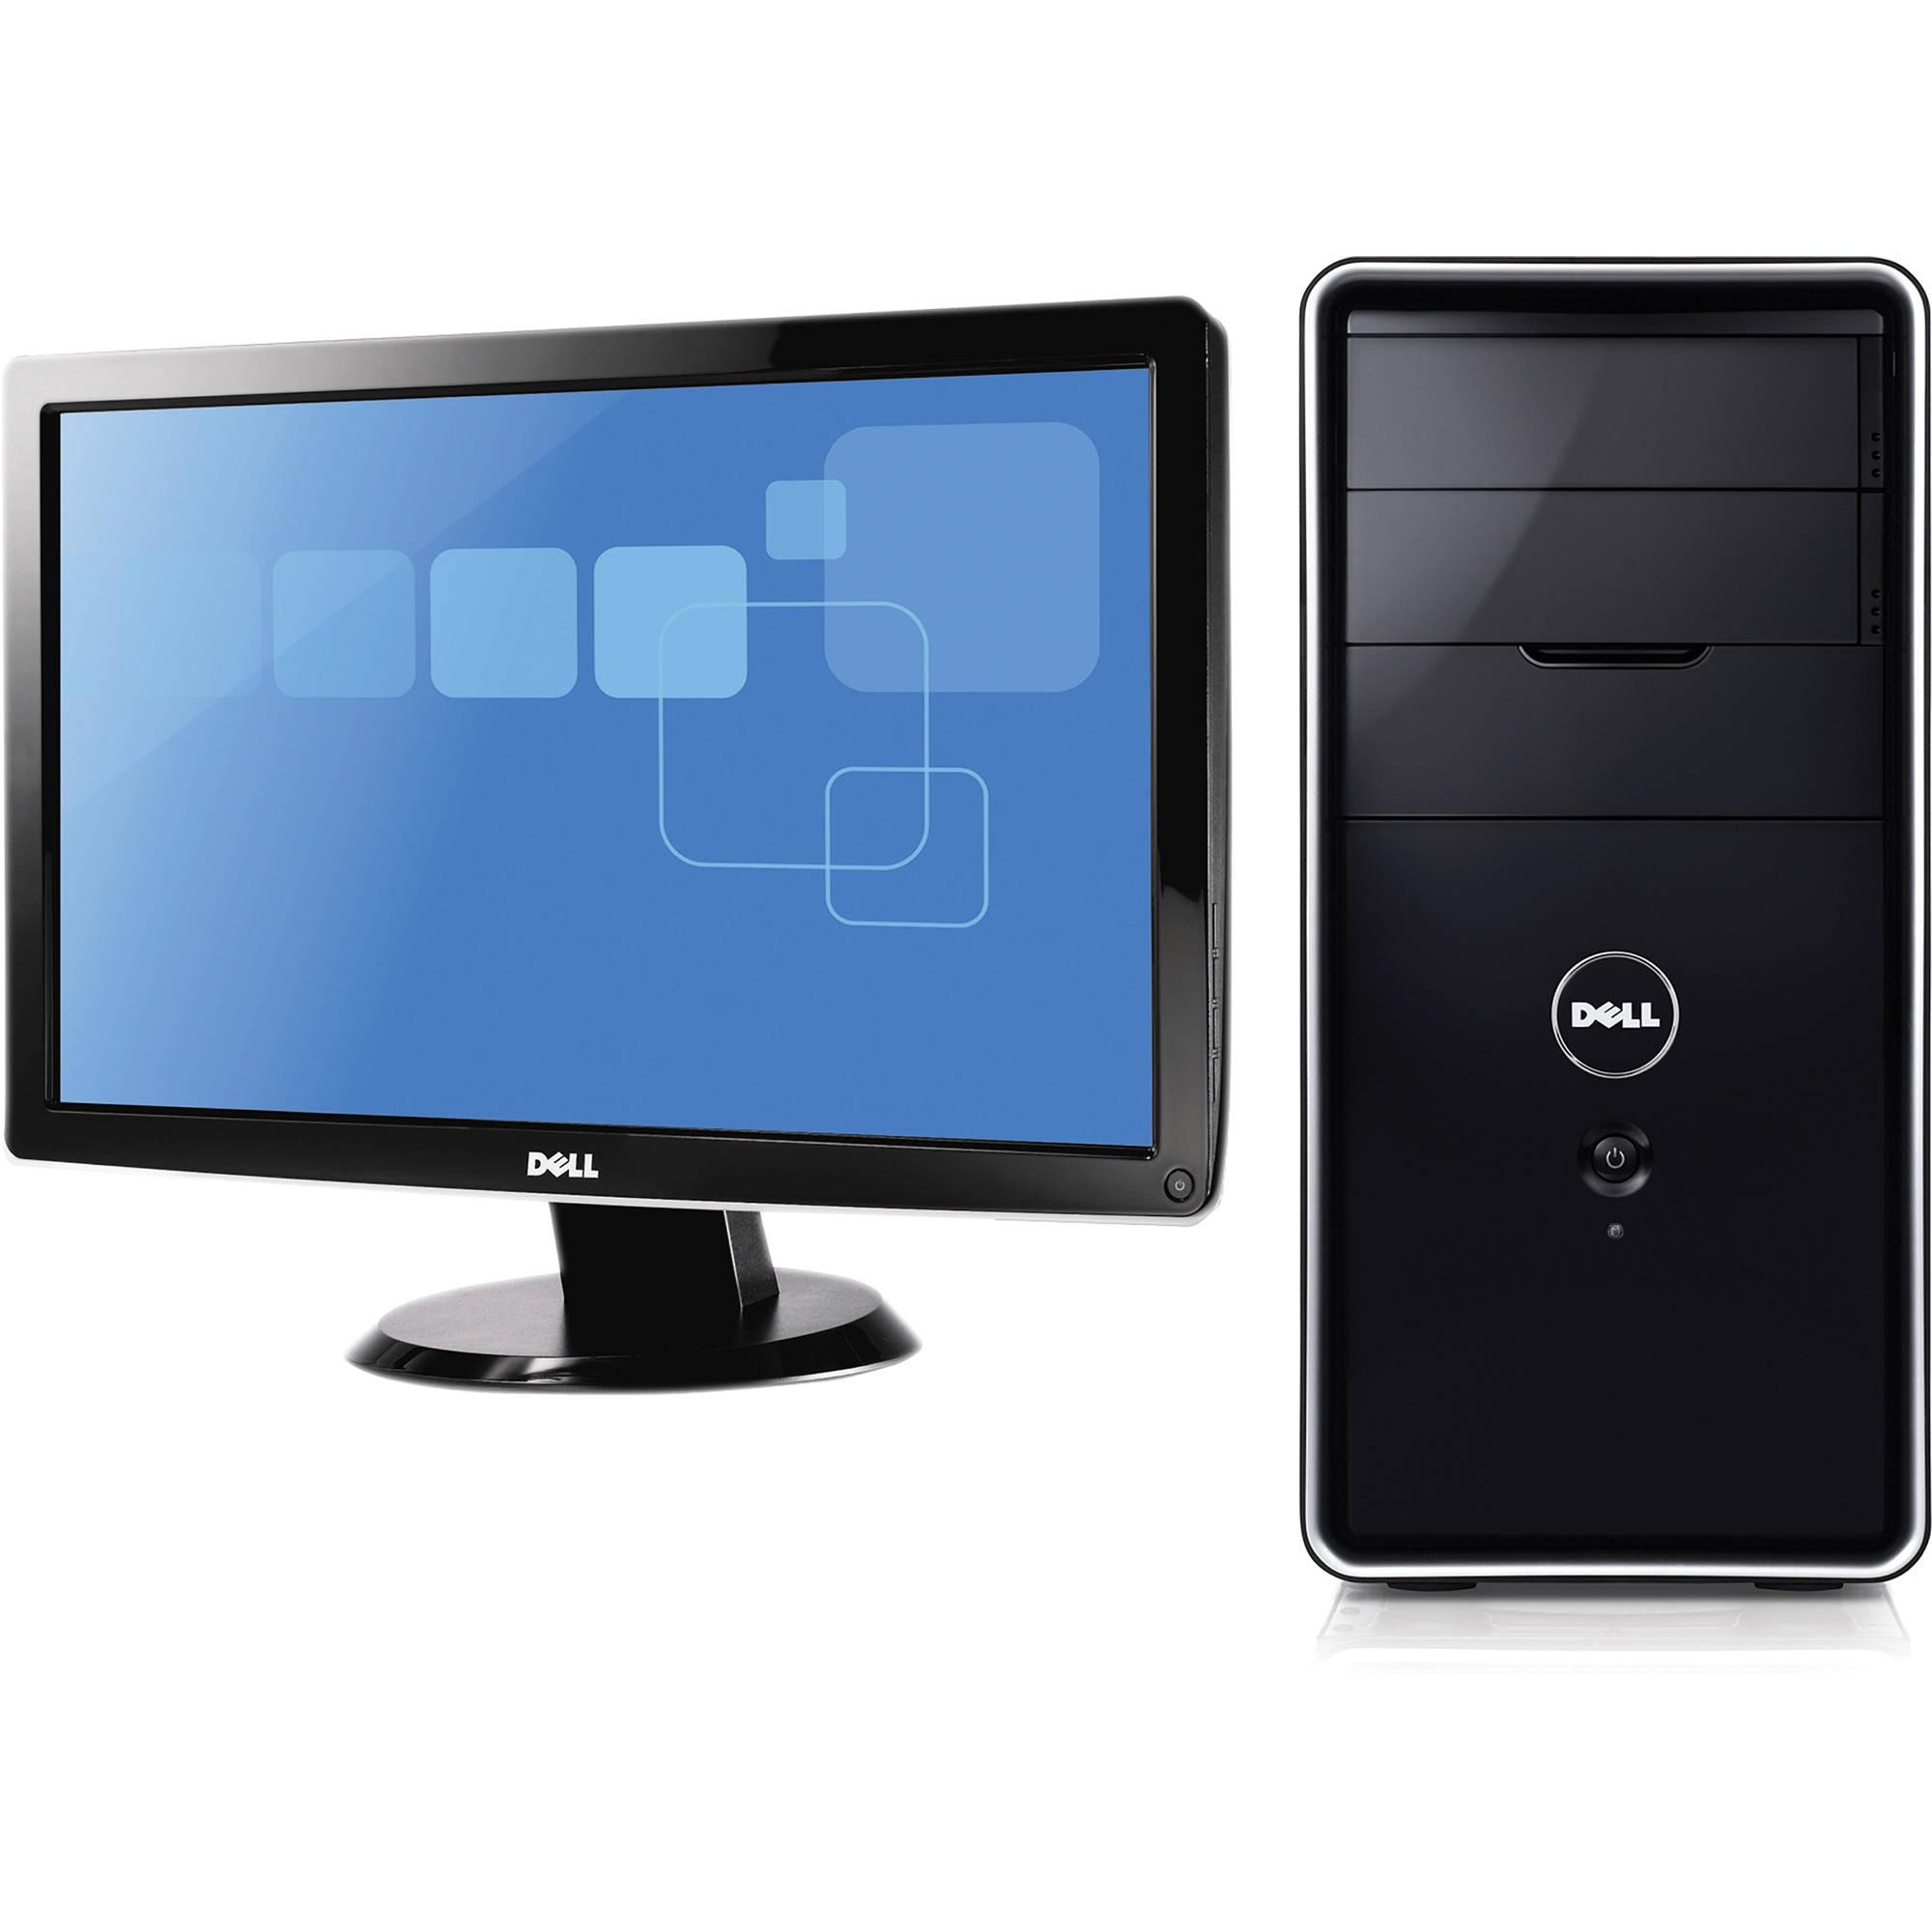 Dell Inspiron 570 I570 5066nbk Desktop Computer I570